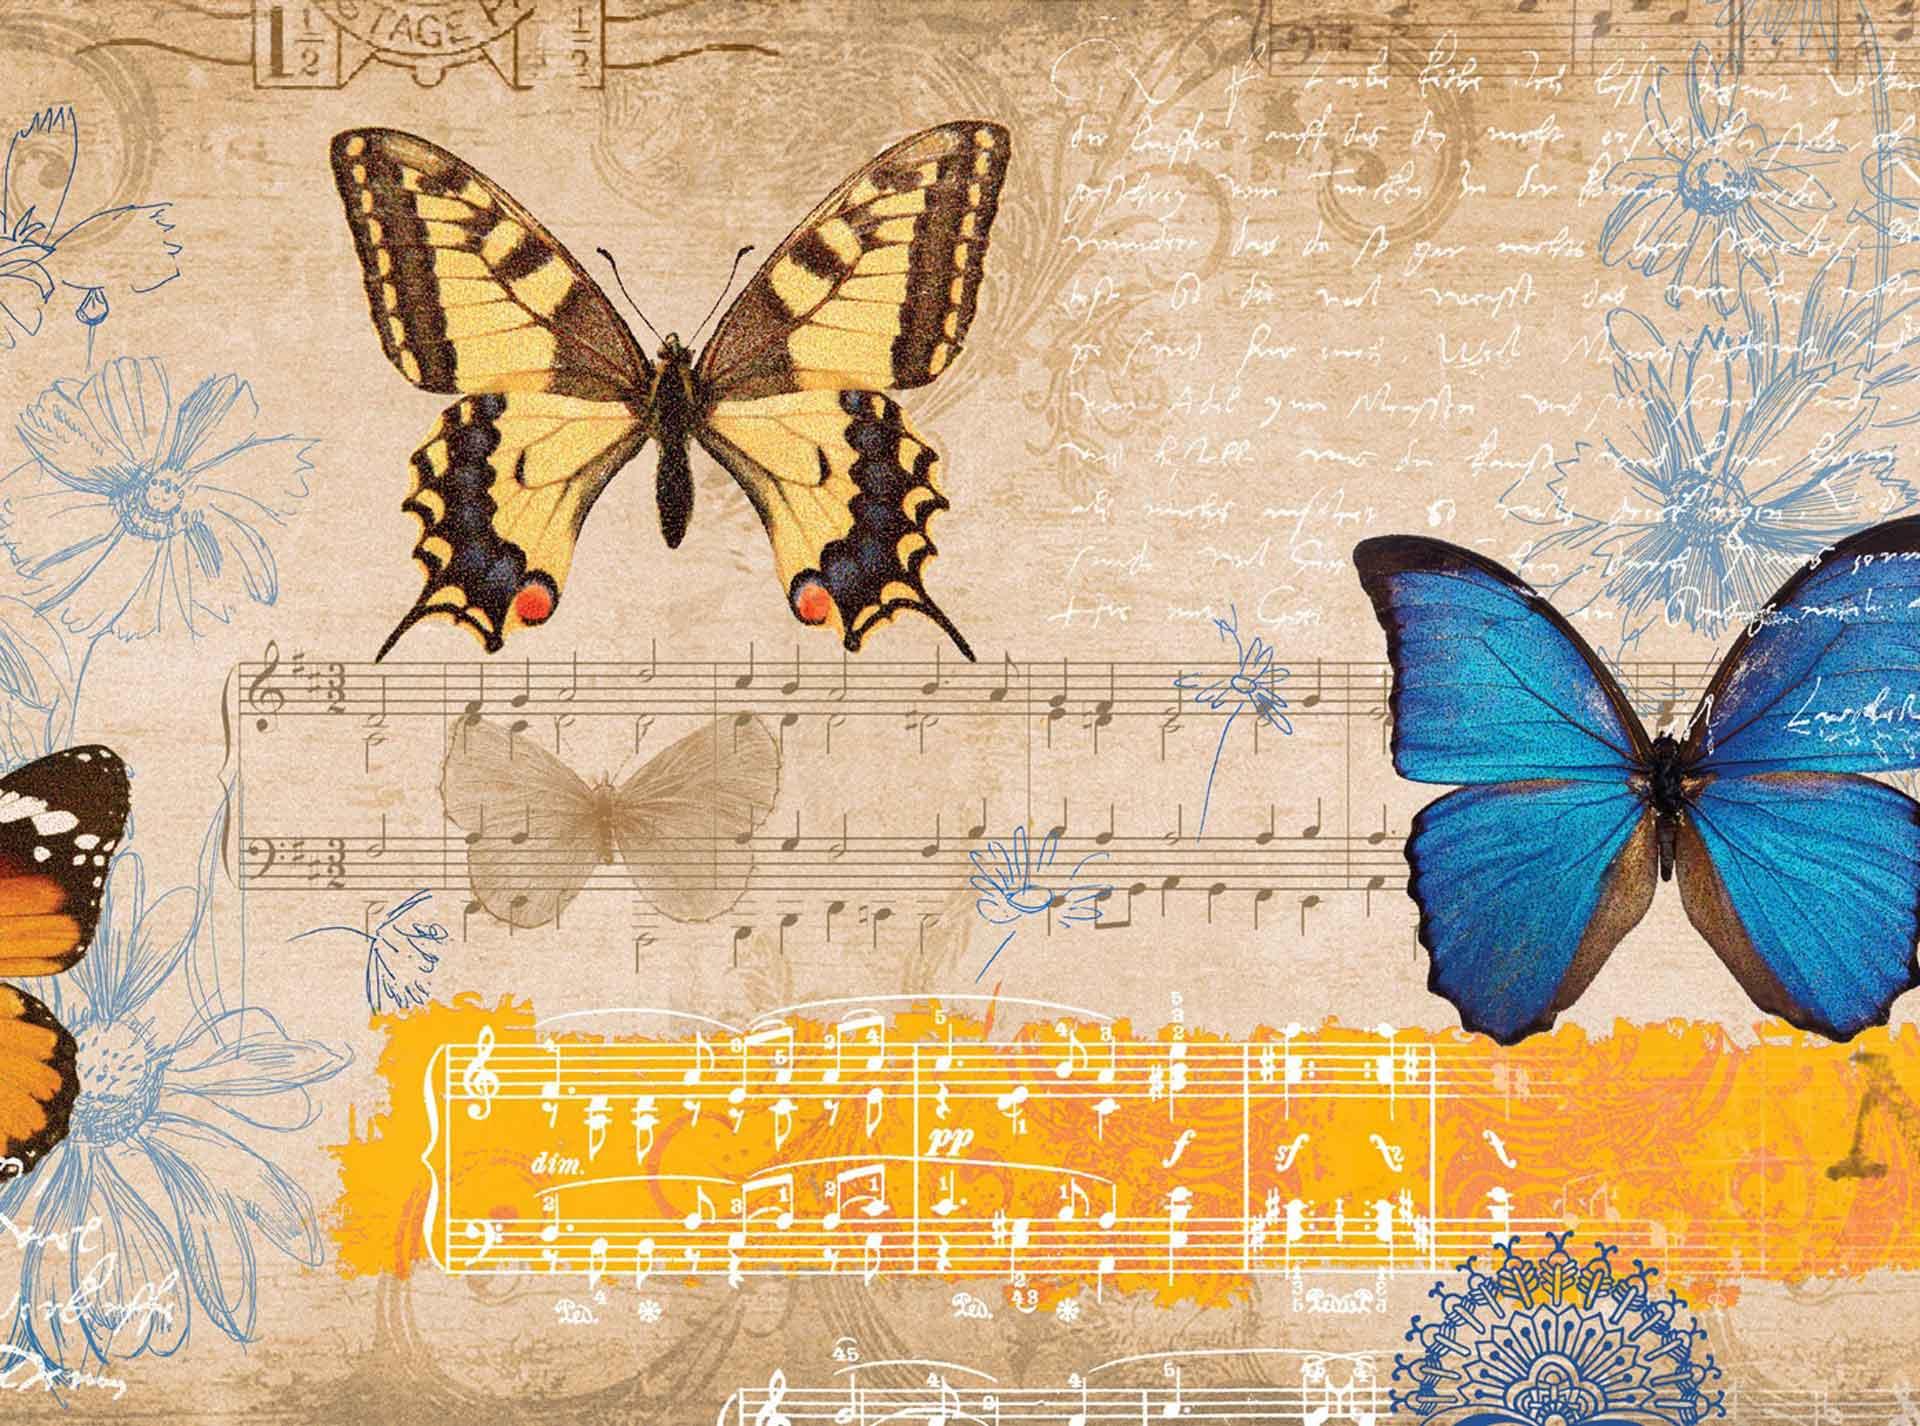 Power of Music - Vanya Erickson